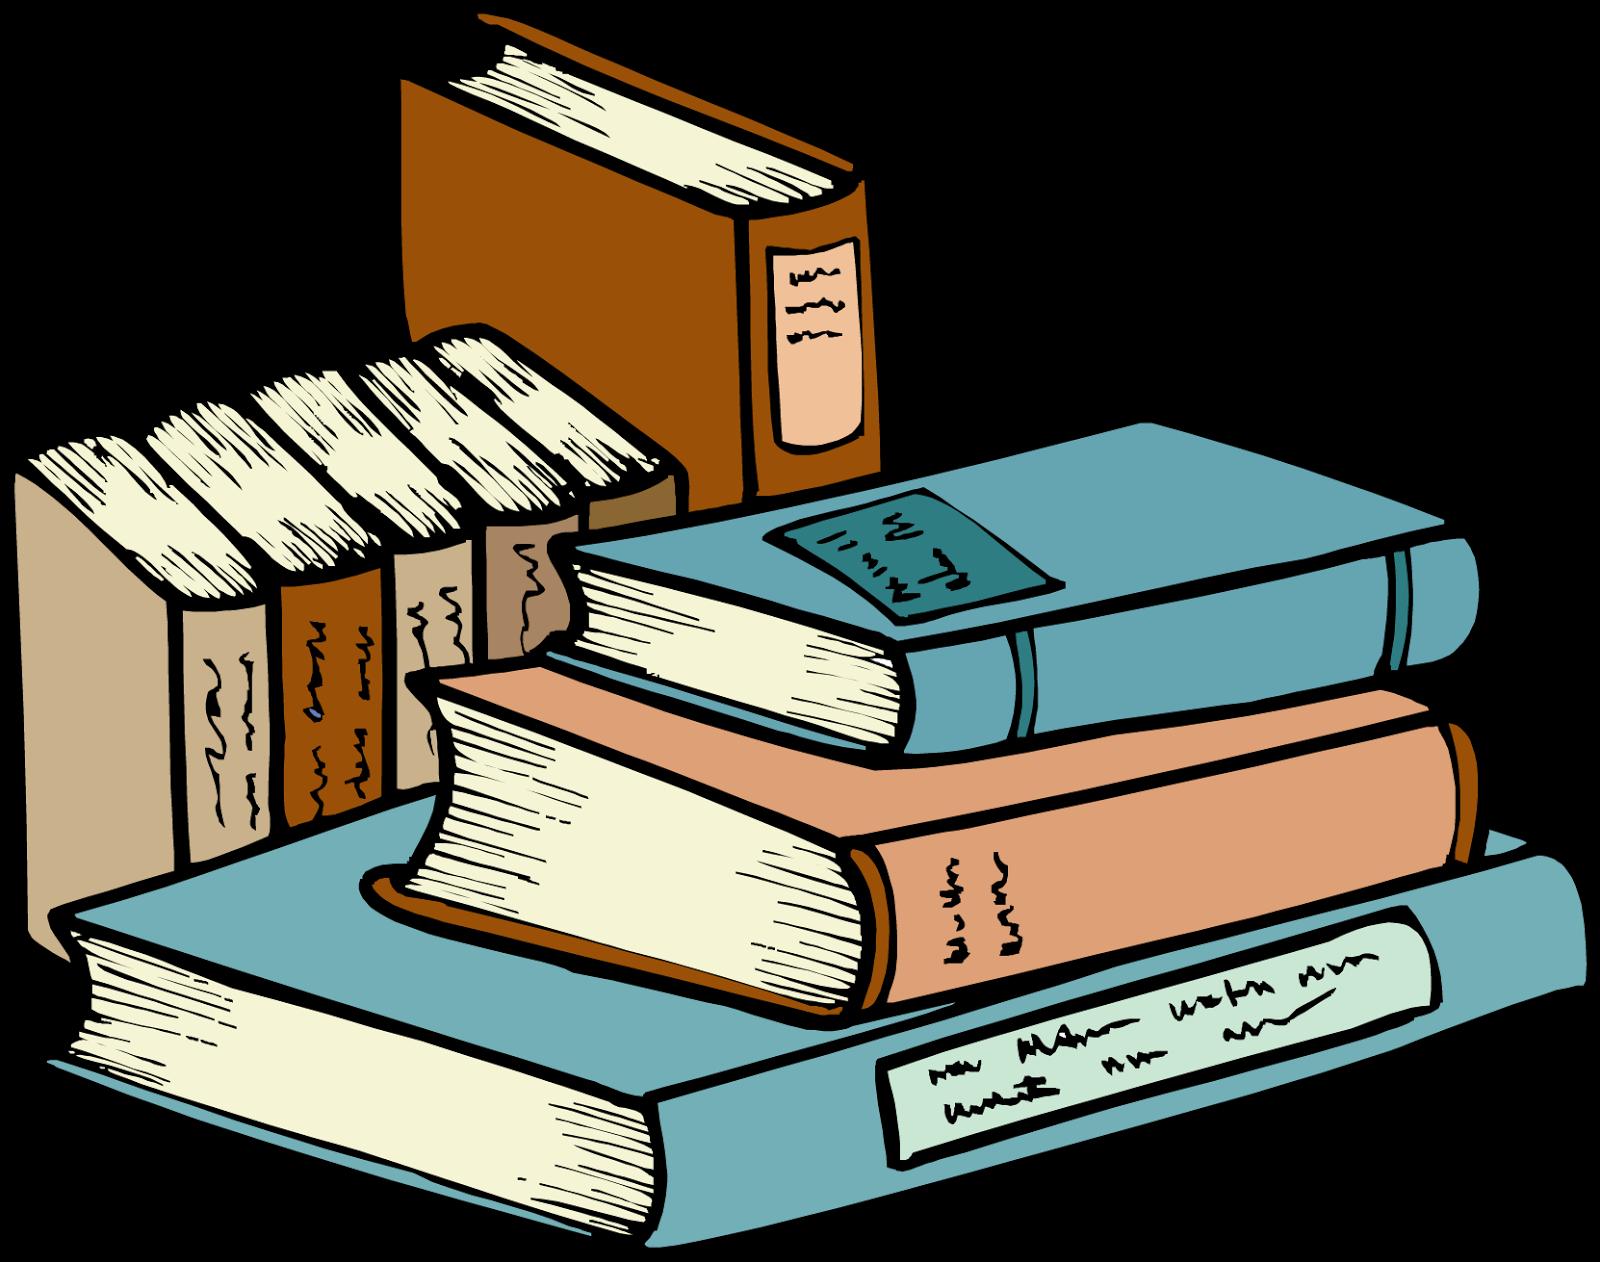 Clipart Books & Books Clip Art Images.